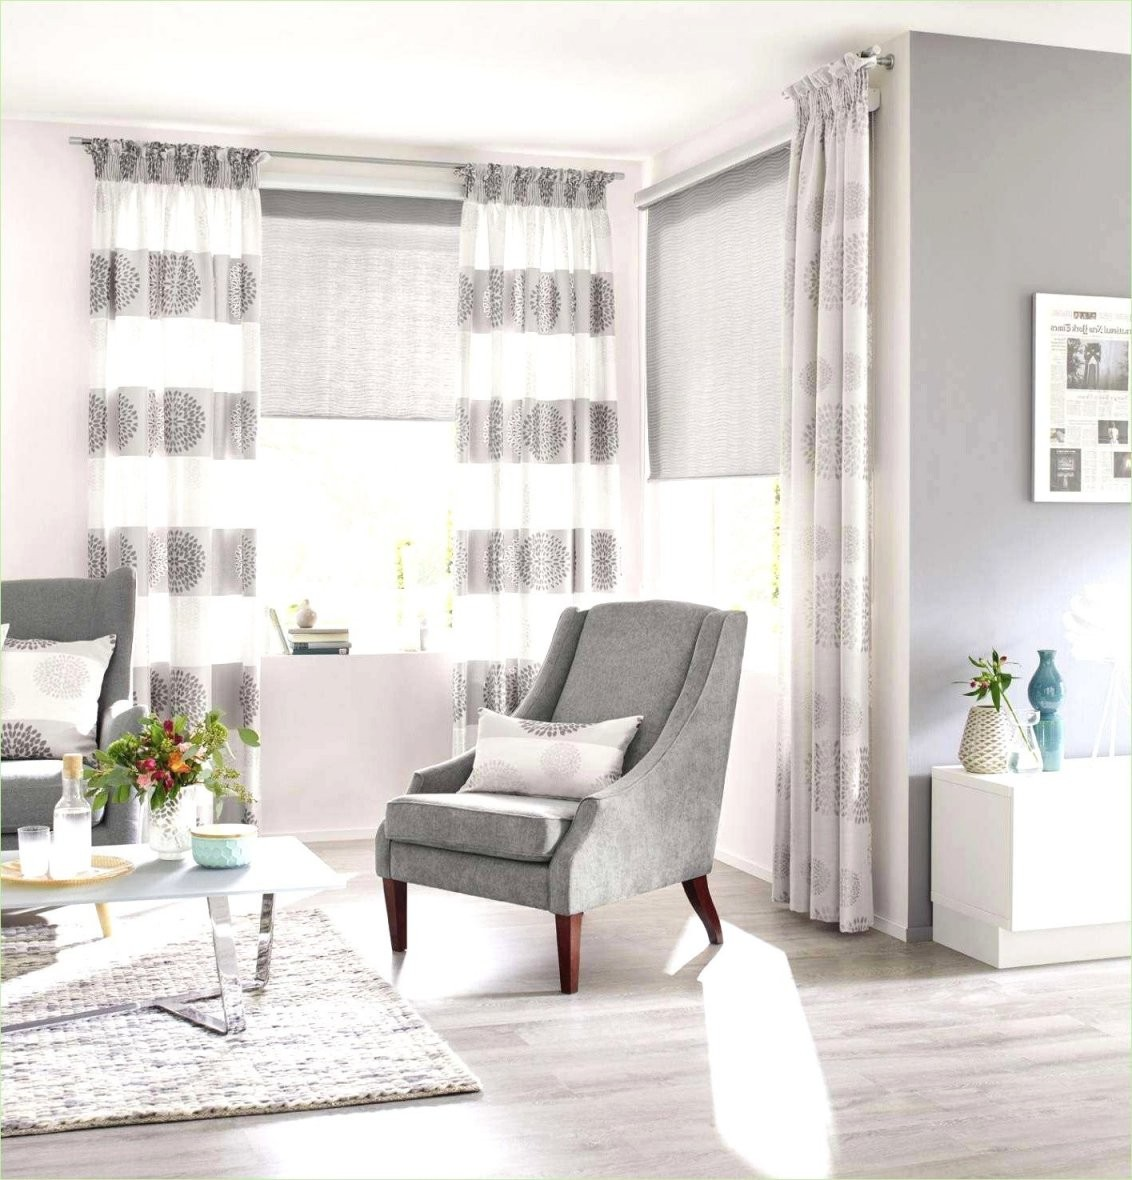 Woonkamer Sets Awesome Wohnzimmer Gardinen Set Luxury Home Design von Ideen Für Wohnzimmer Gardinen Bild